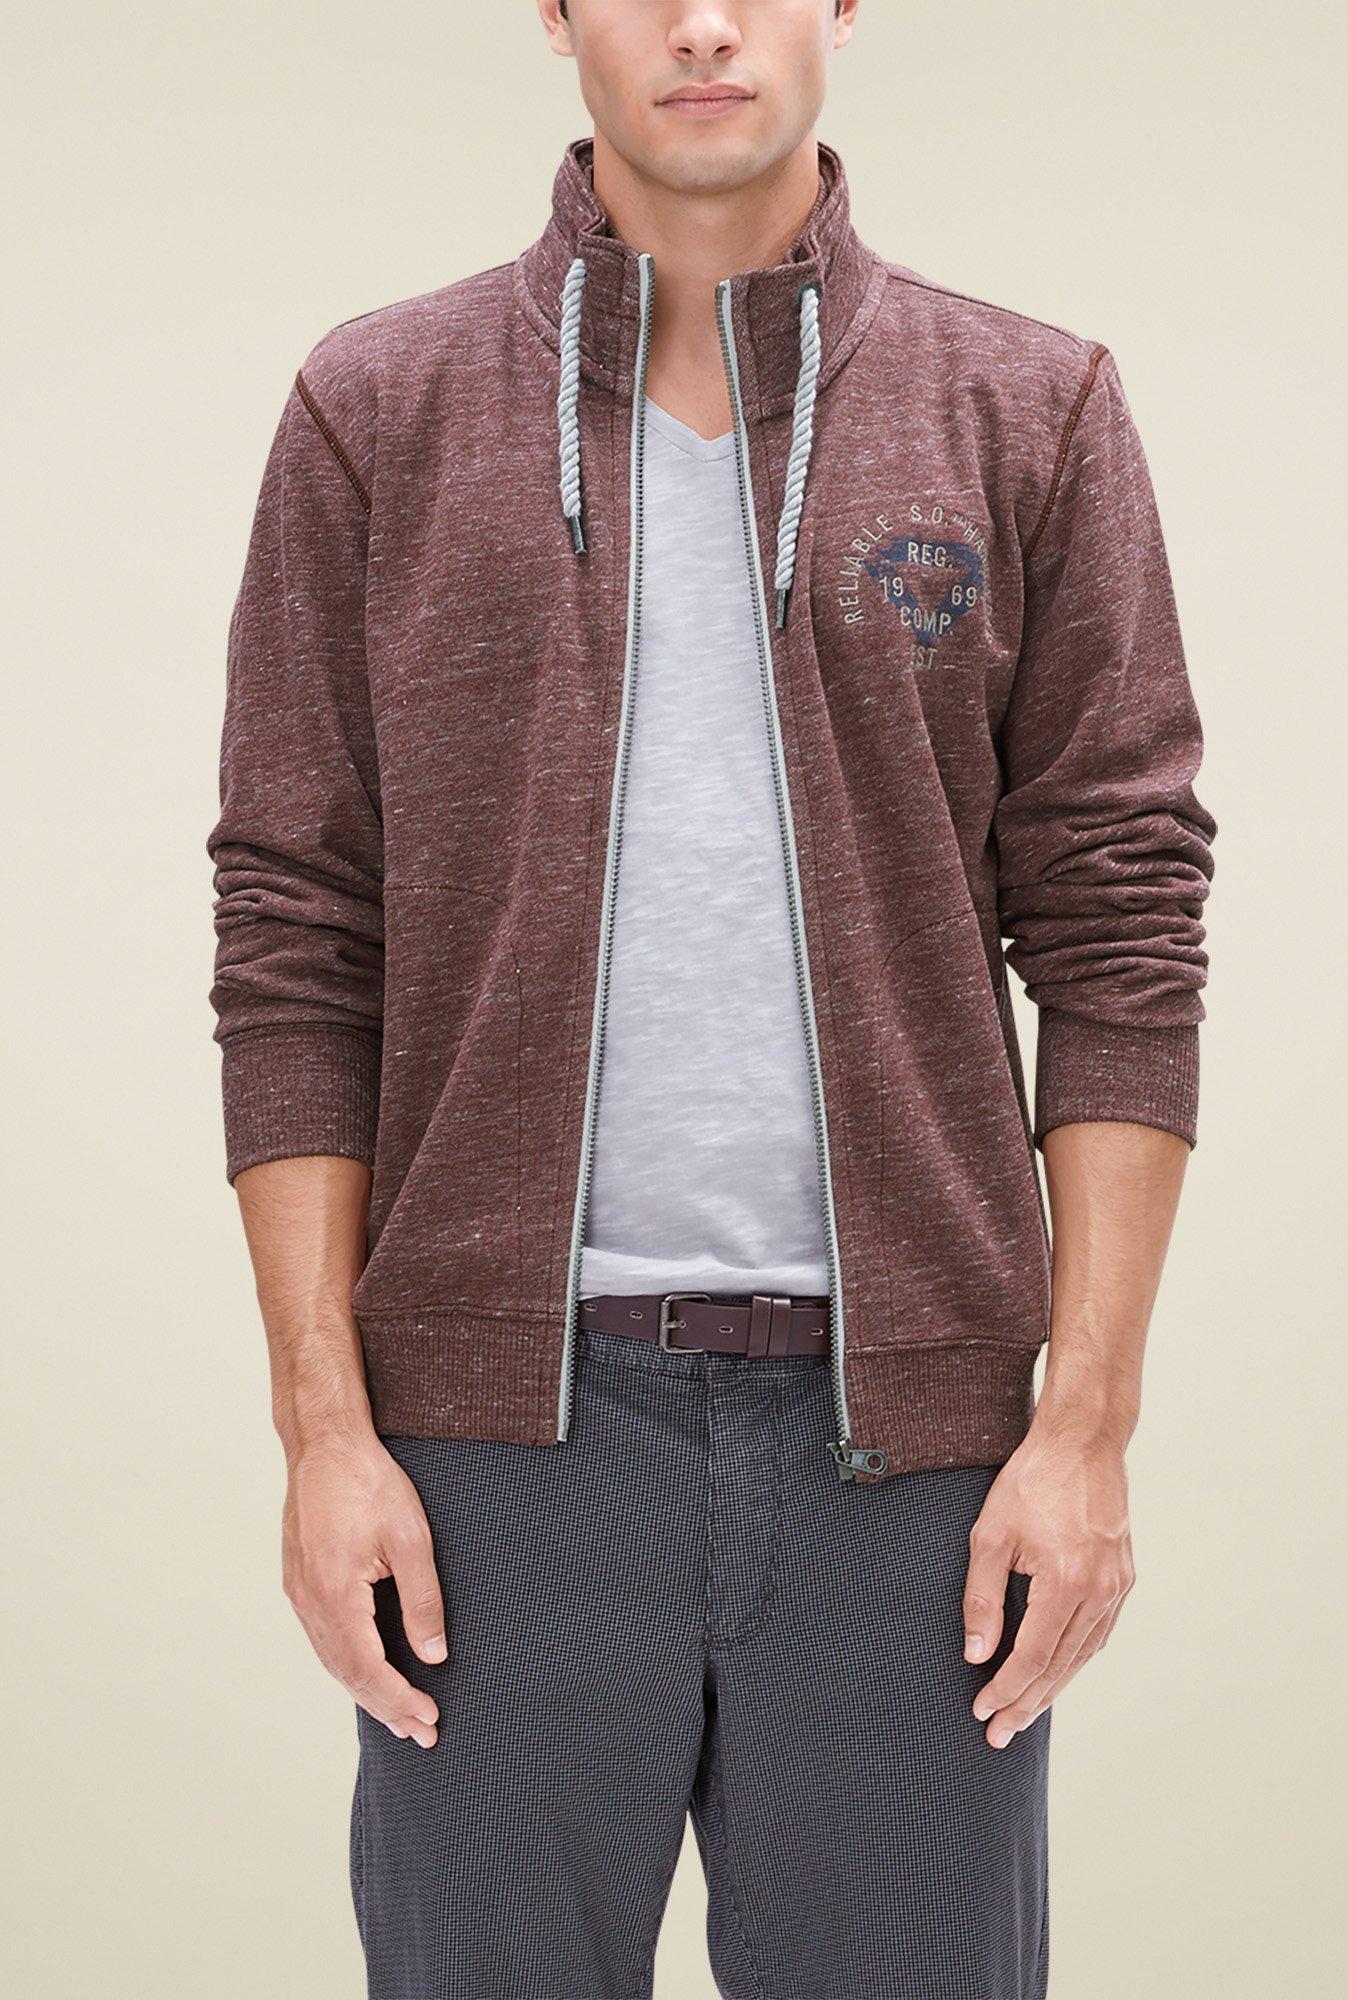 buy s oliver brown high neck sweatshirt for men online. Black Bedroom Furniture Sets. Home Design Ideas